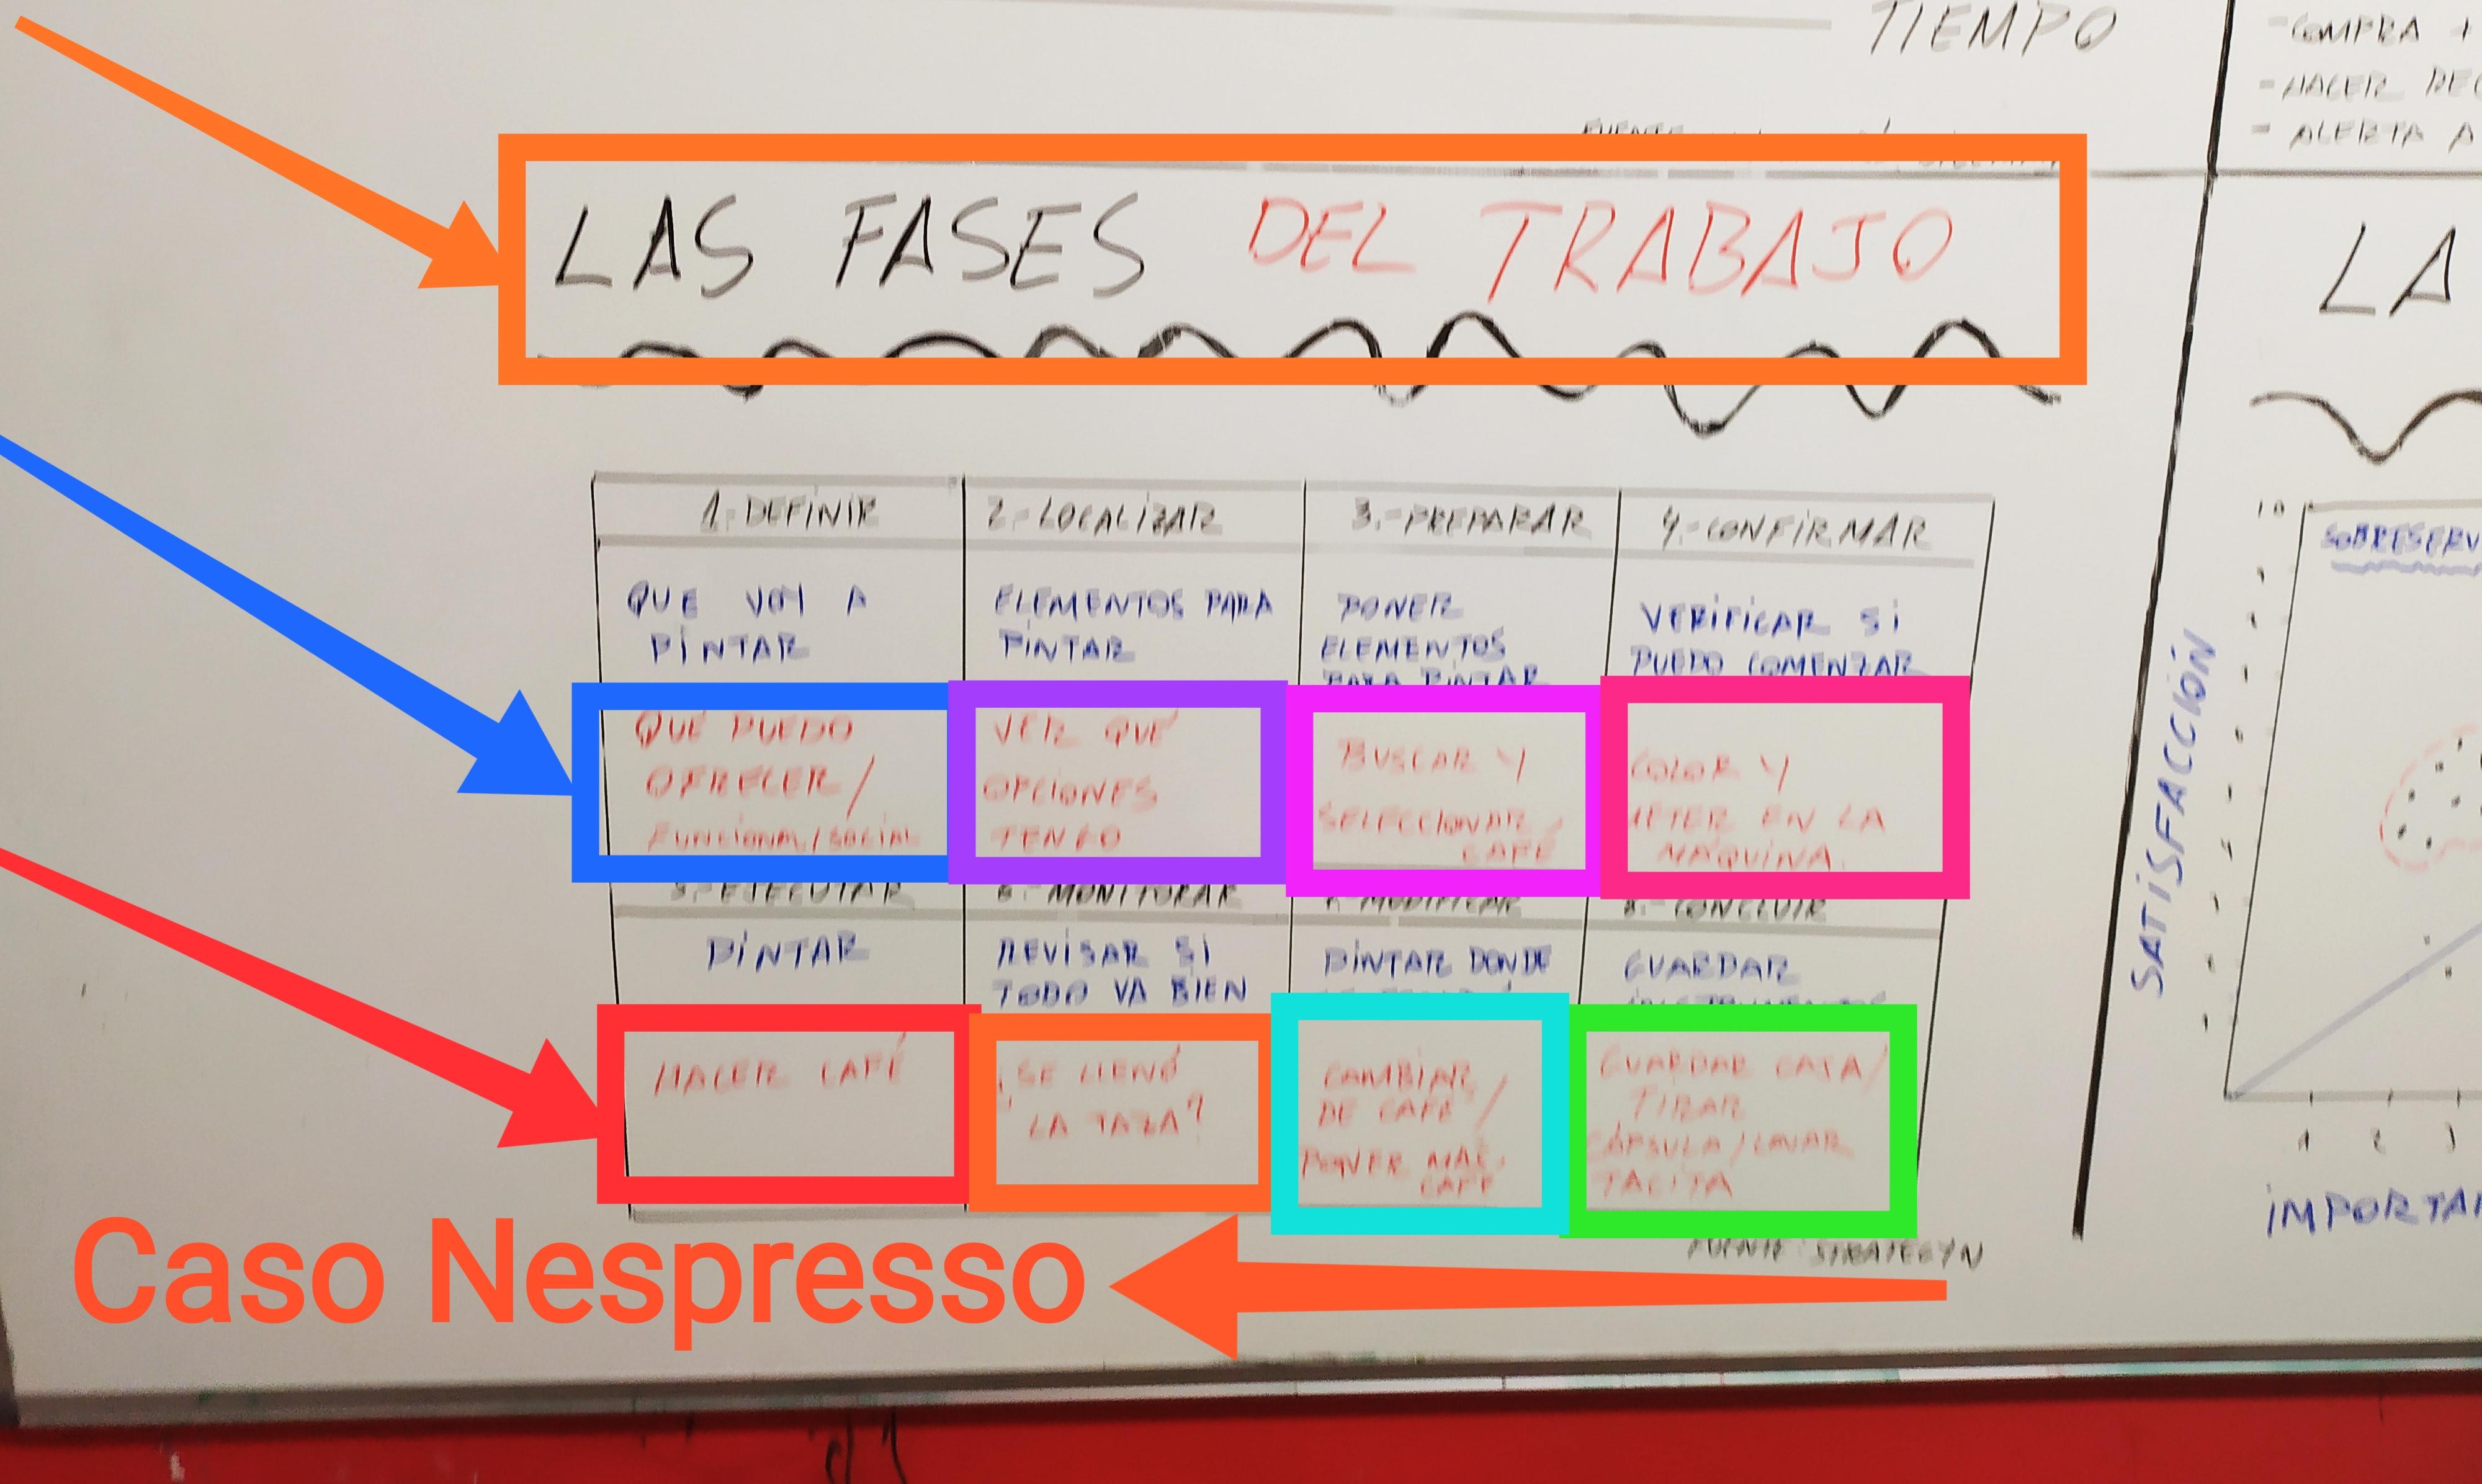 Fases del trabajo para el desarrollo de nuevos productos: Caso Nespresso.